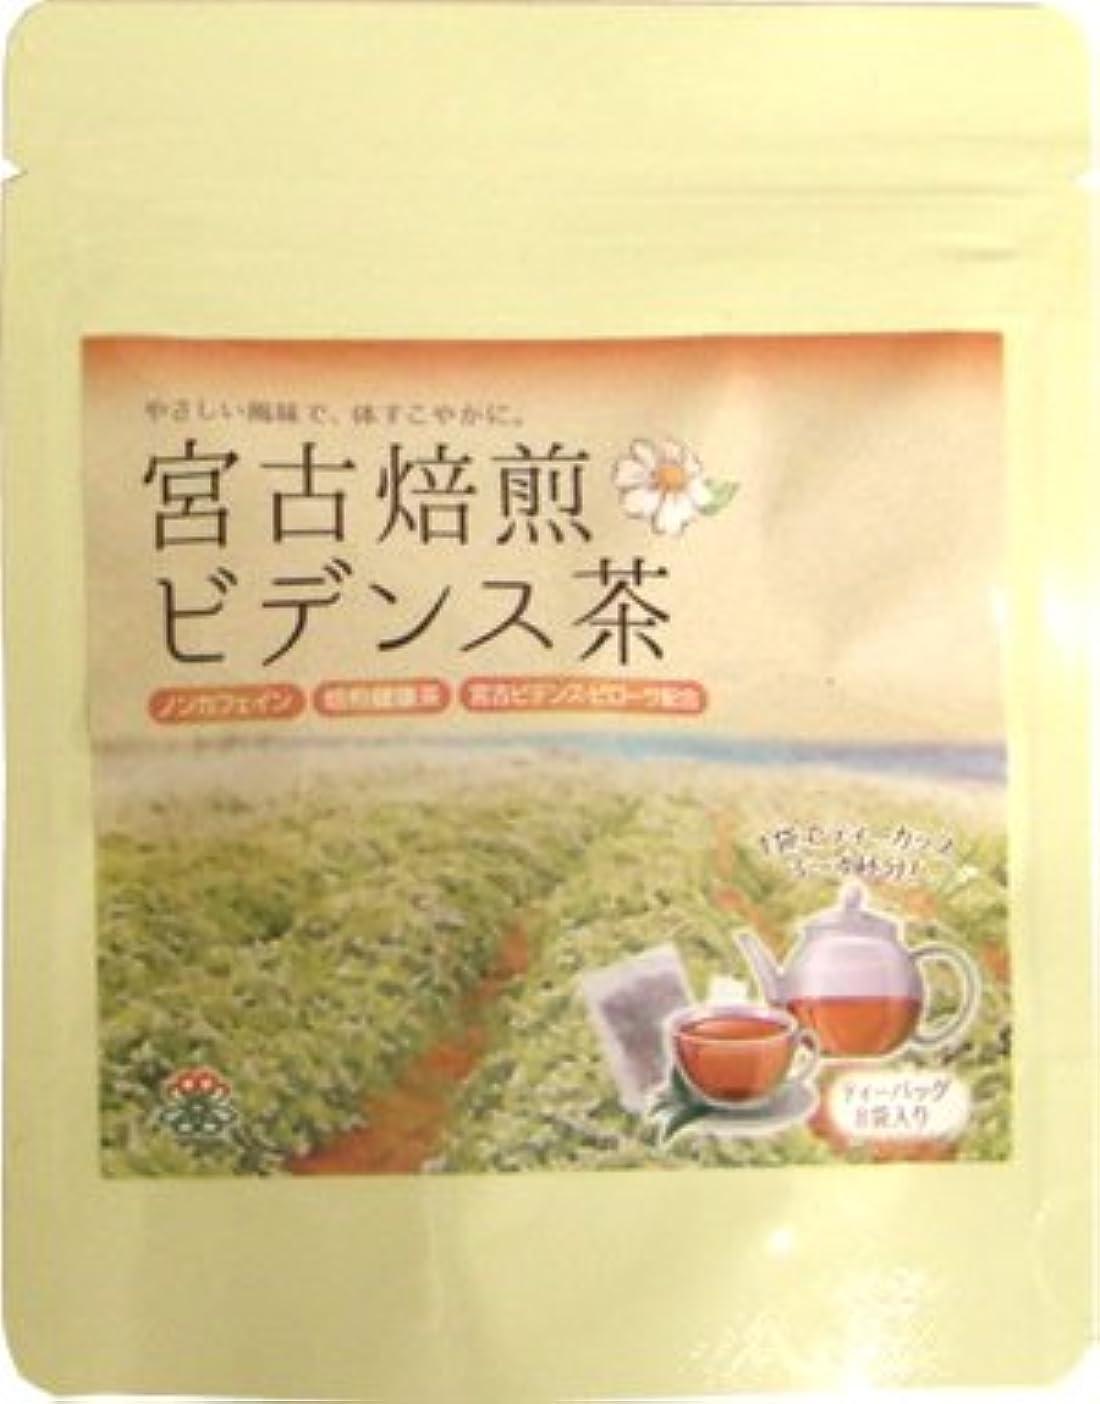 民間ラジウム外交官宮古焙煎ビデンス茶 2g×8袋入り